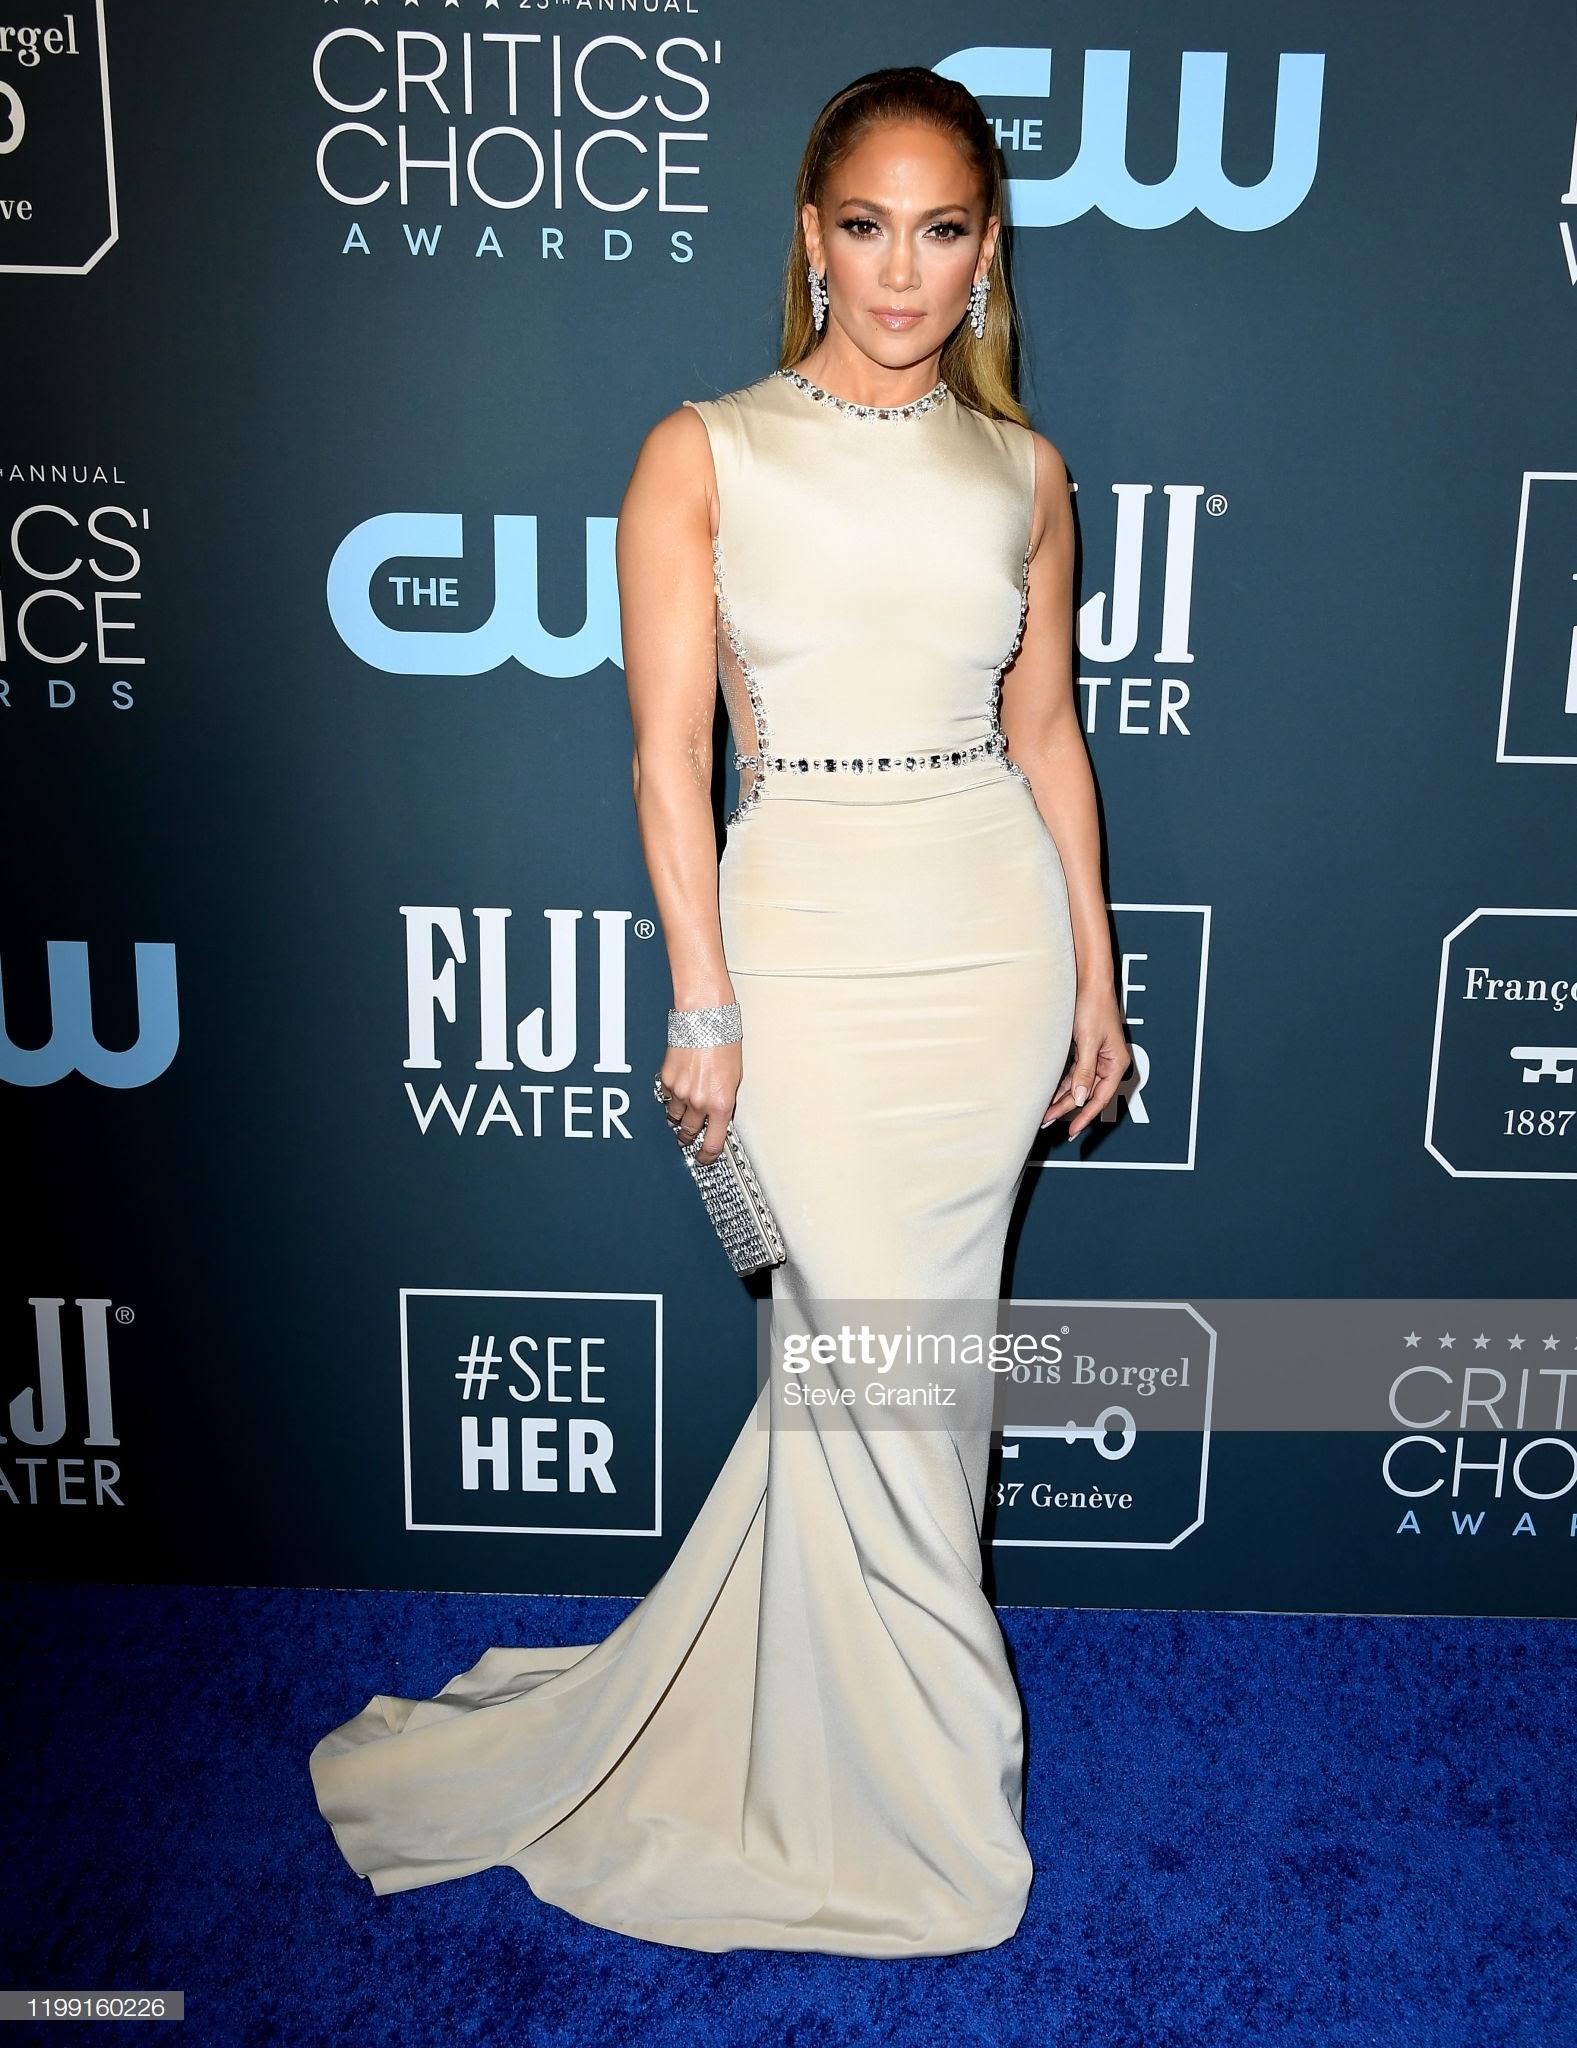 134fcd4a d7a7 4b56 aa8c 123d2769592b - Jennifer Lopez y Emily,entre las celebrities que apostaron por Jimmy Choo en los Critics' Choice Awards